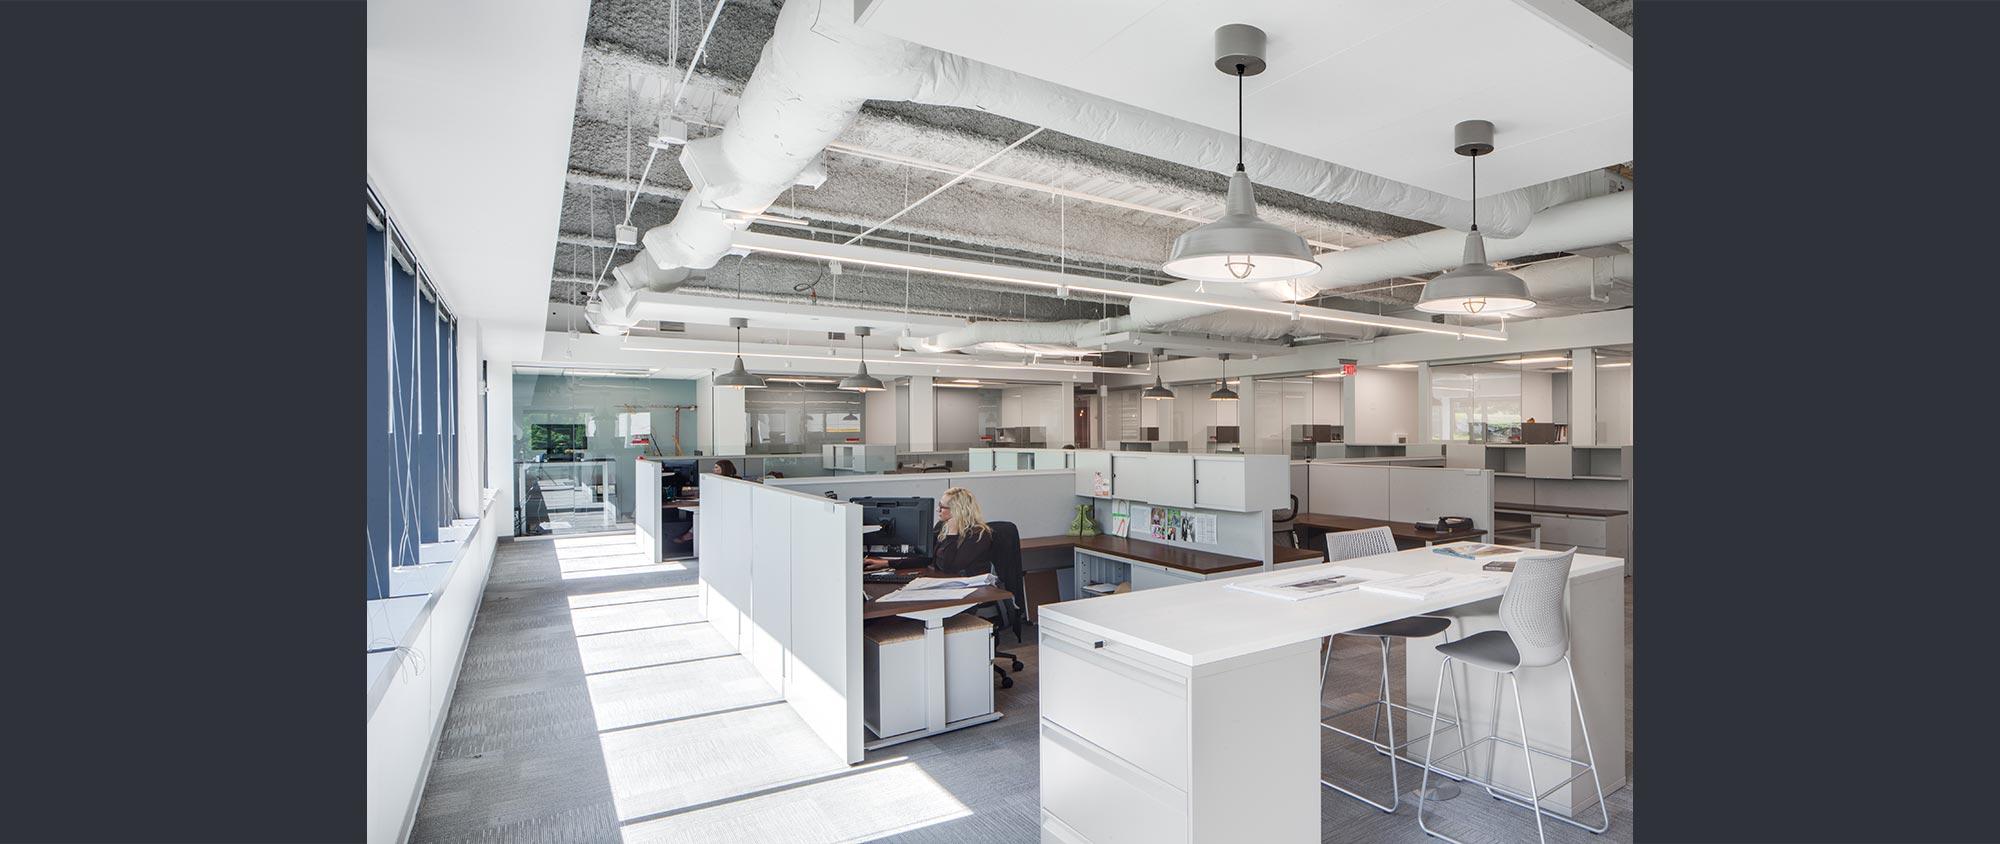 Bell & Associates Construction